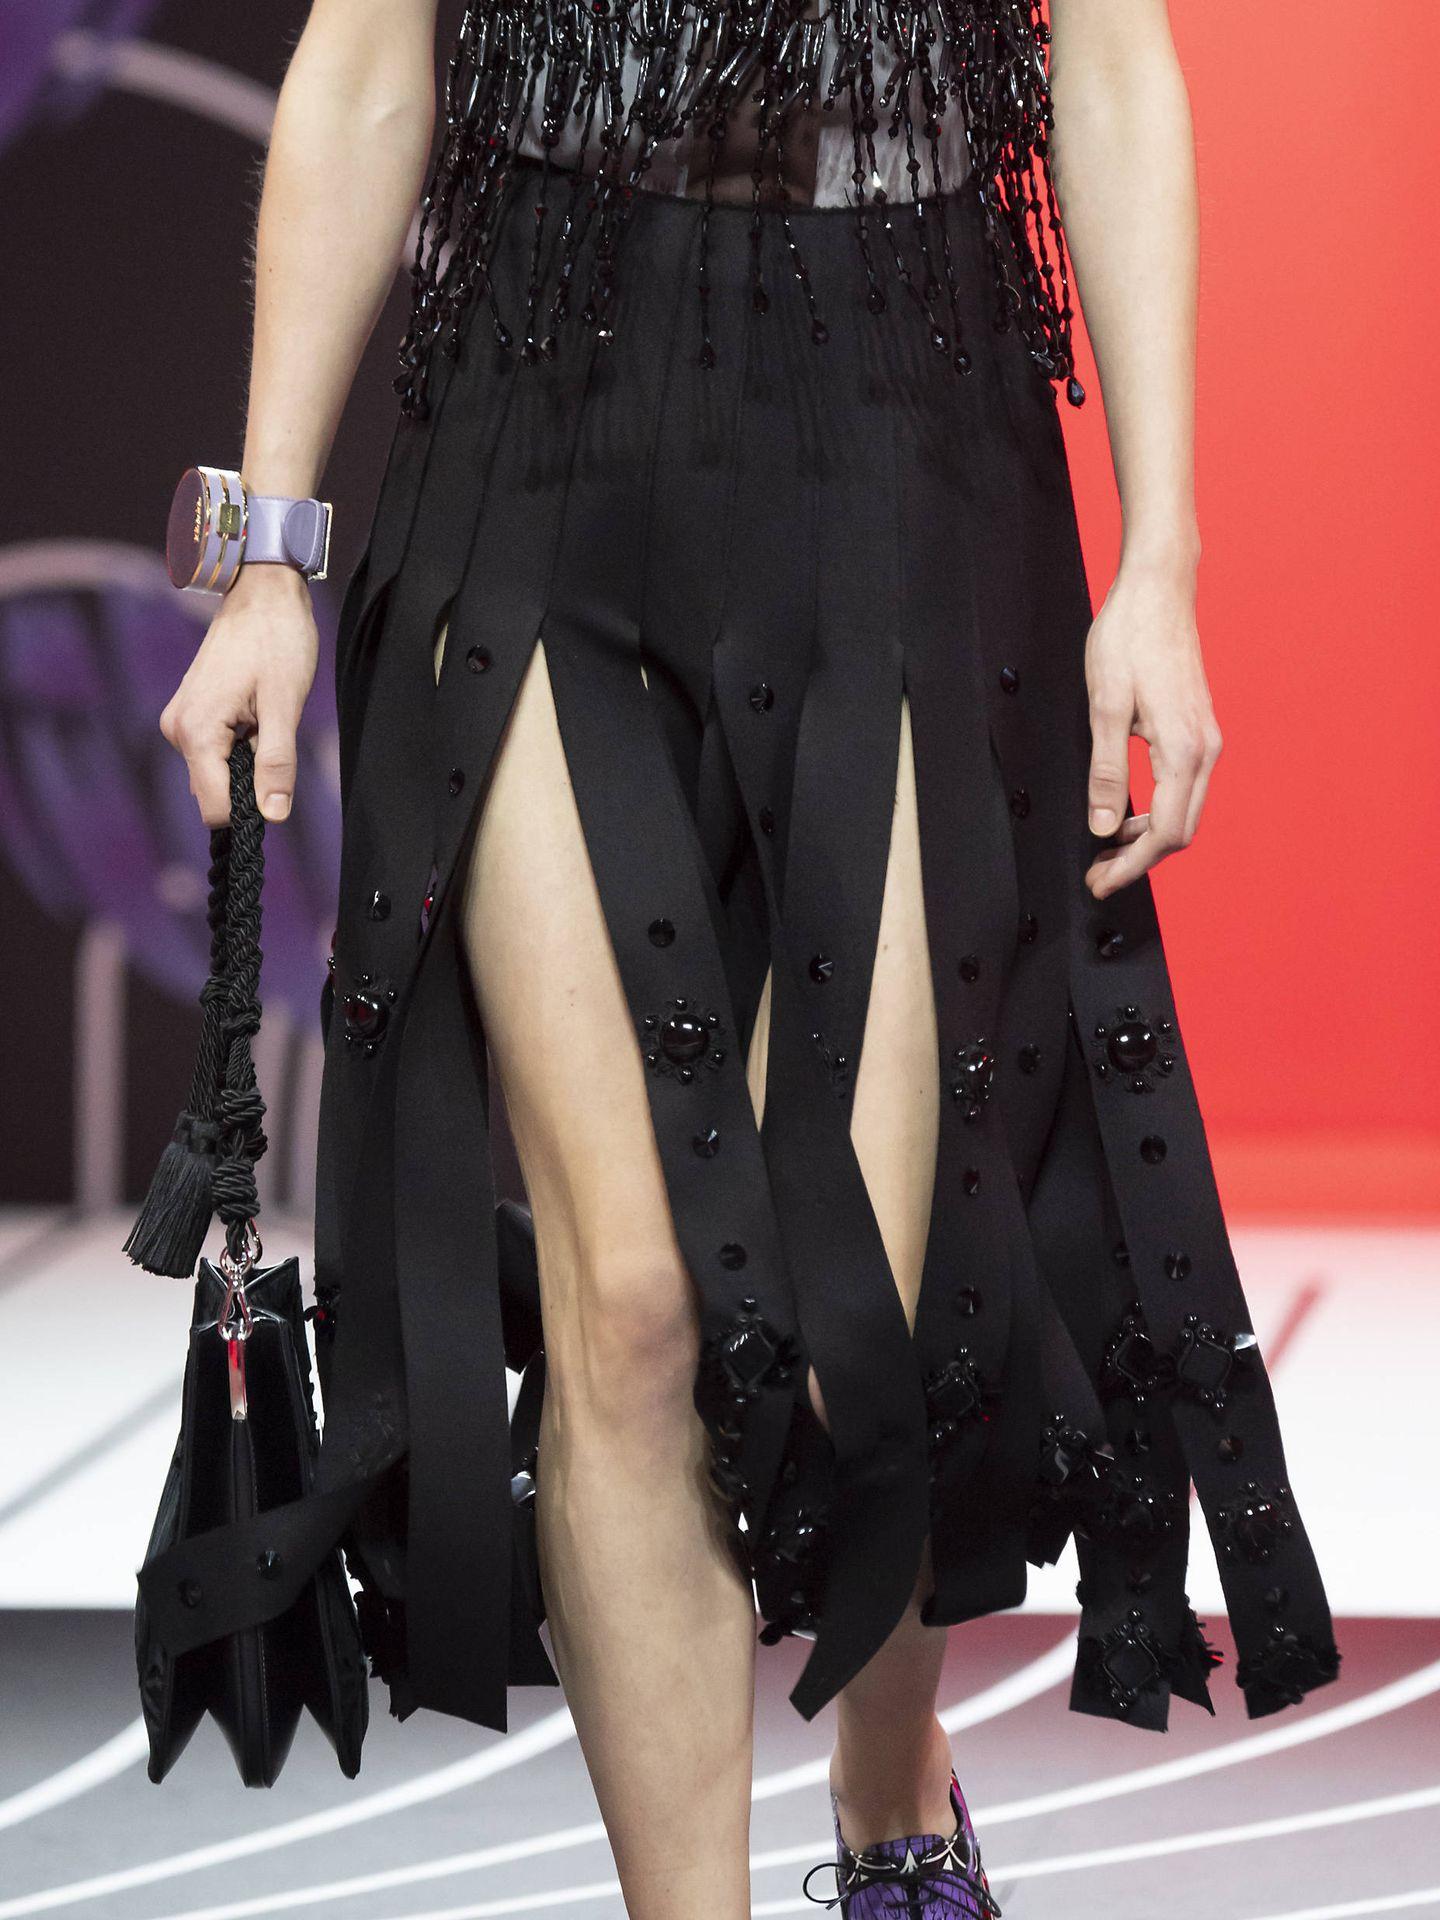 La falda en el desfile de Prada. (Imaxtree)